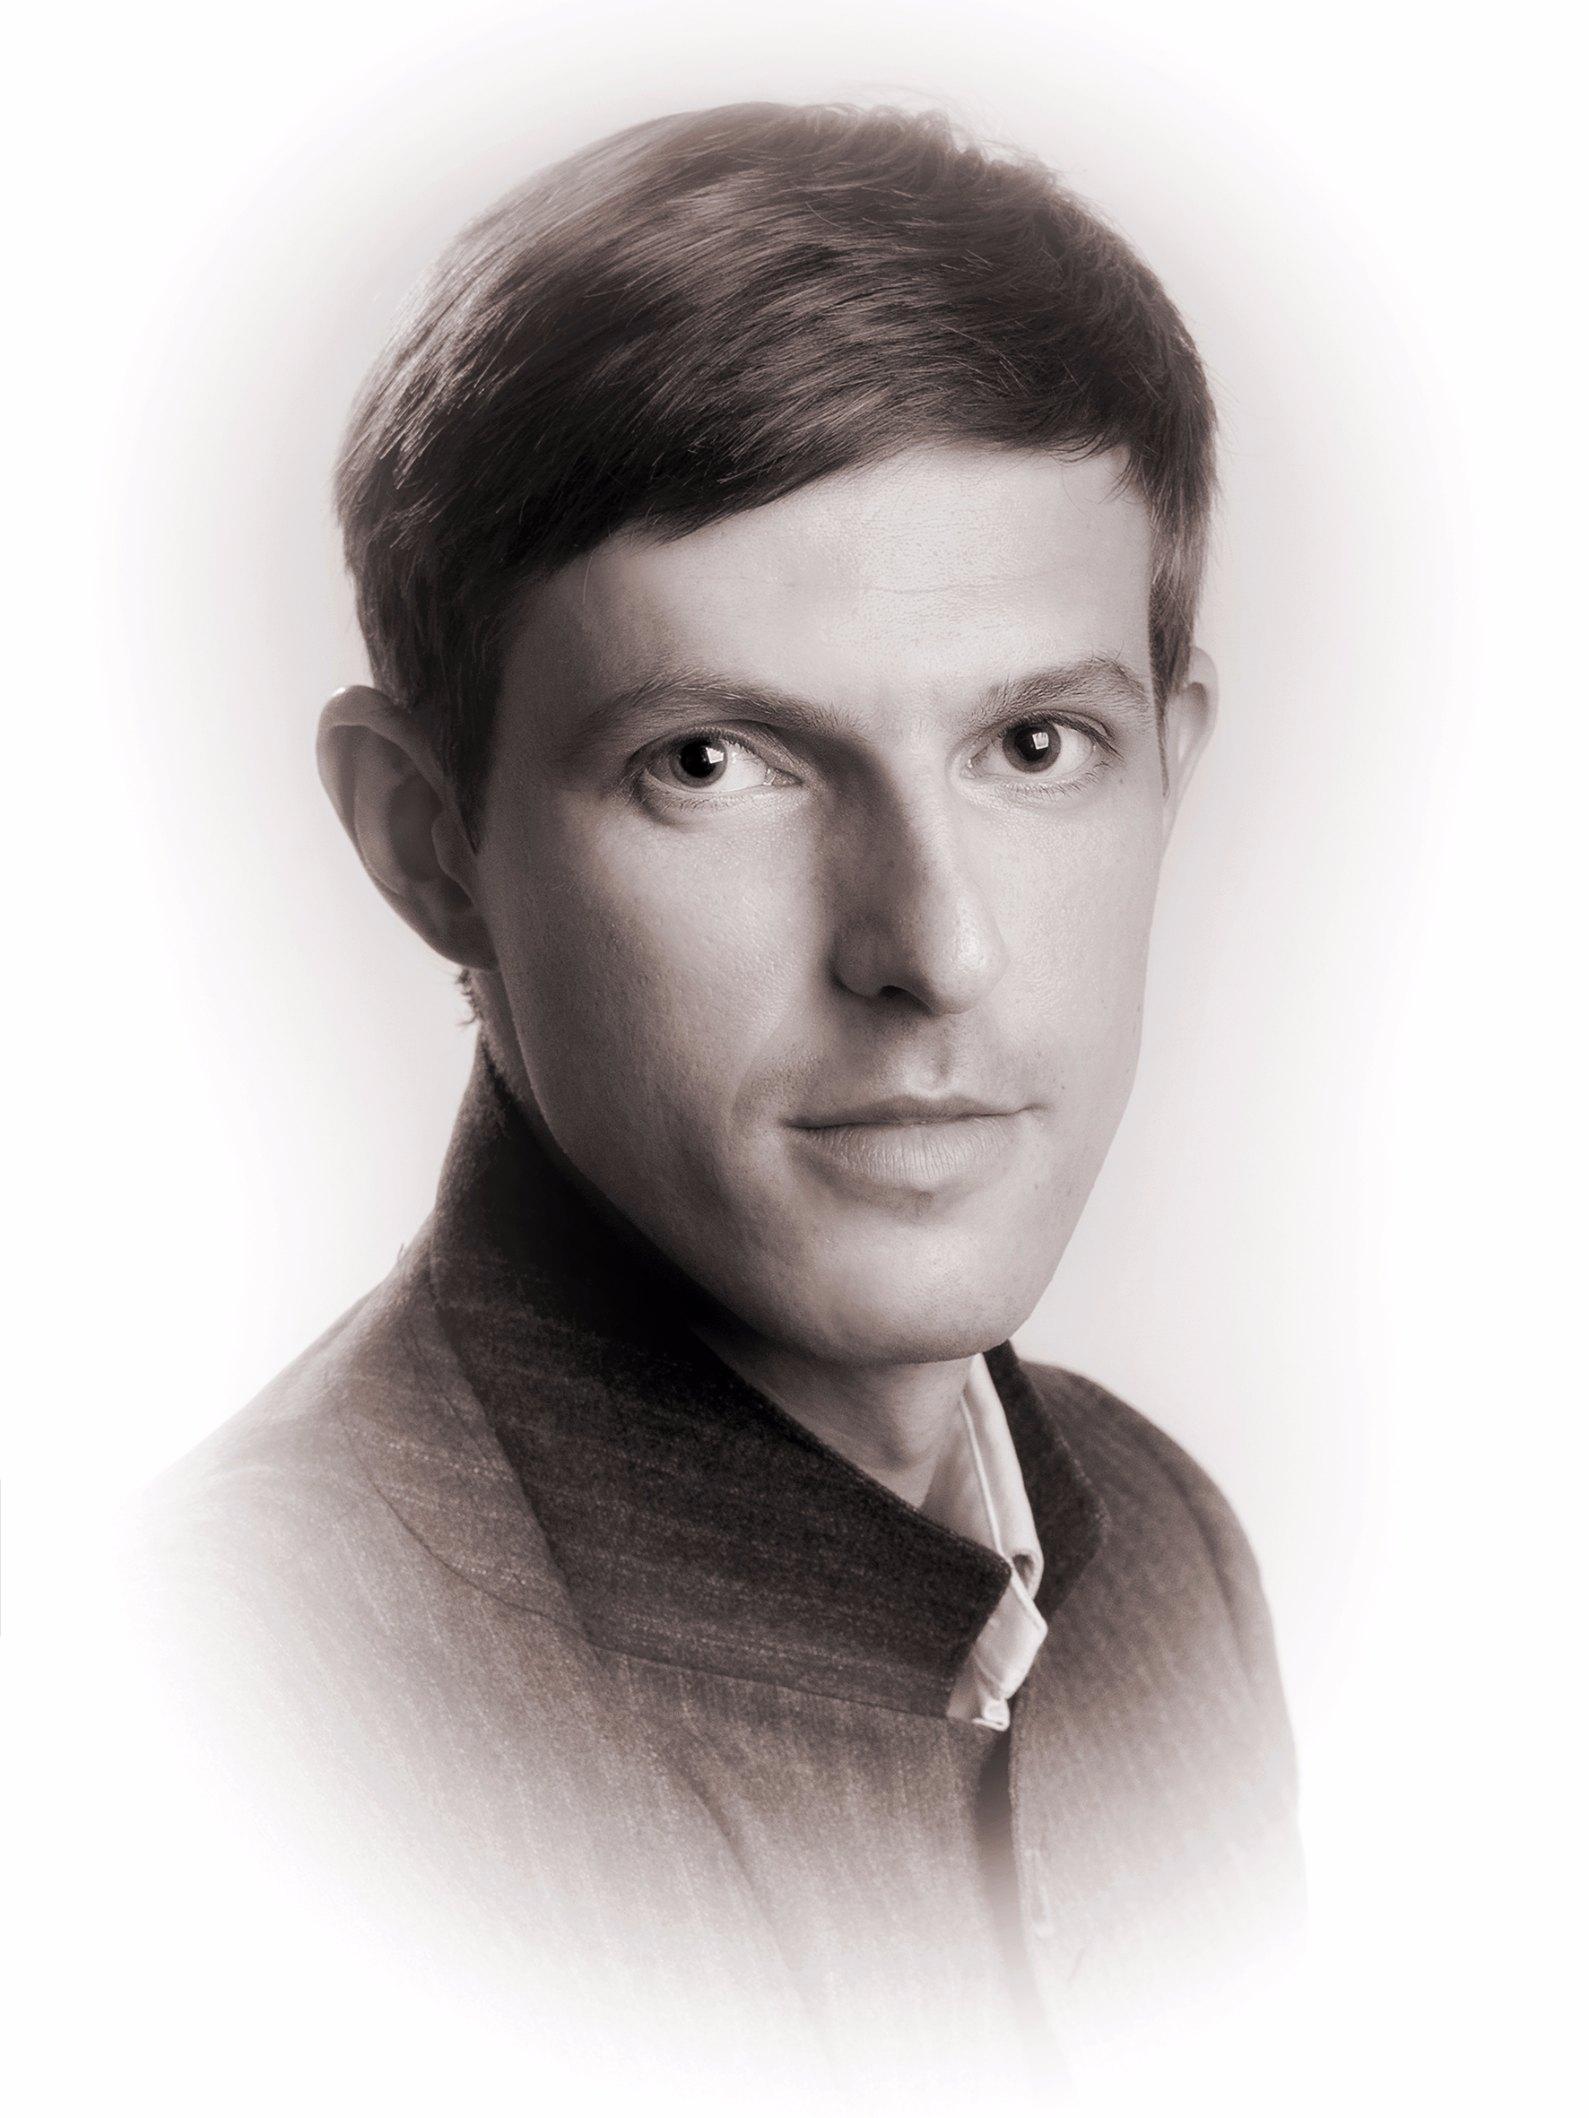 Денисенко Александр Вячеславович